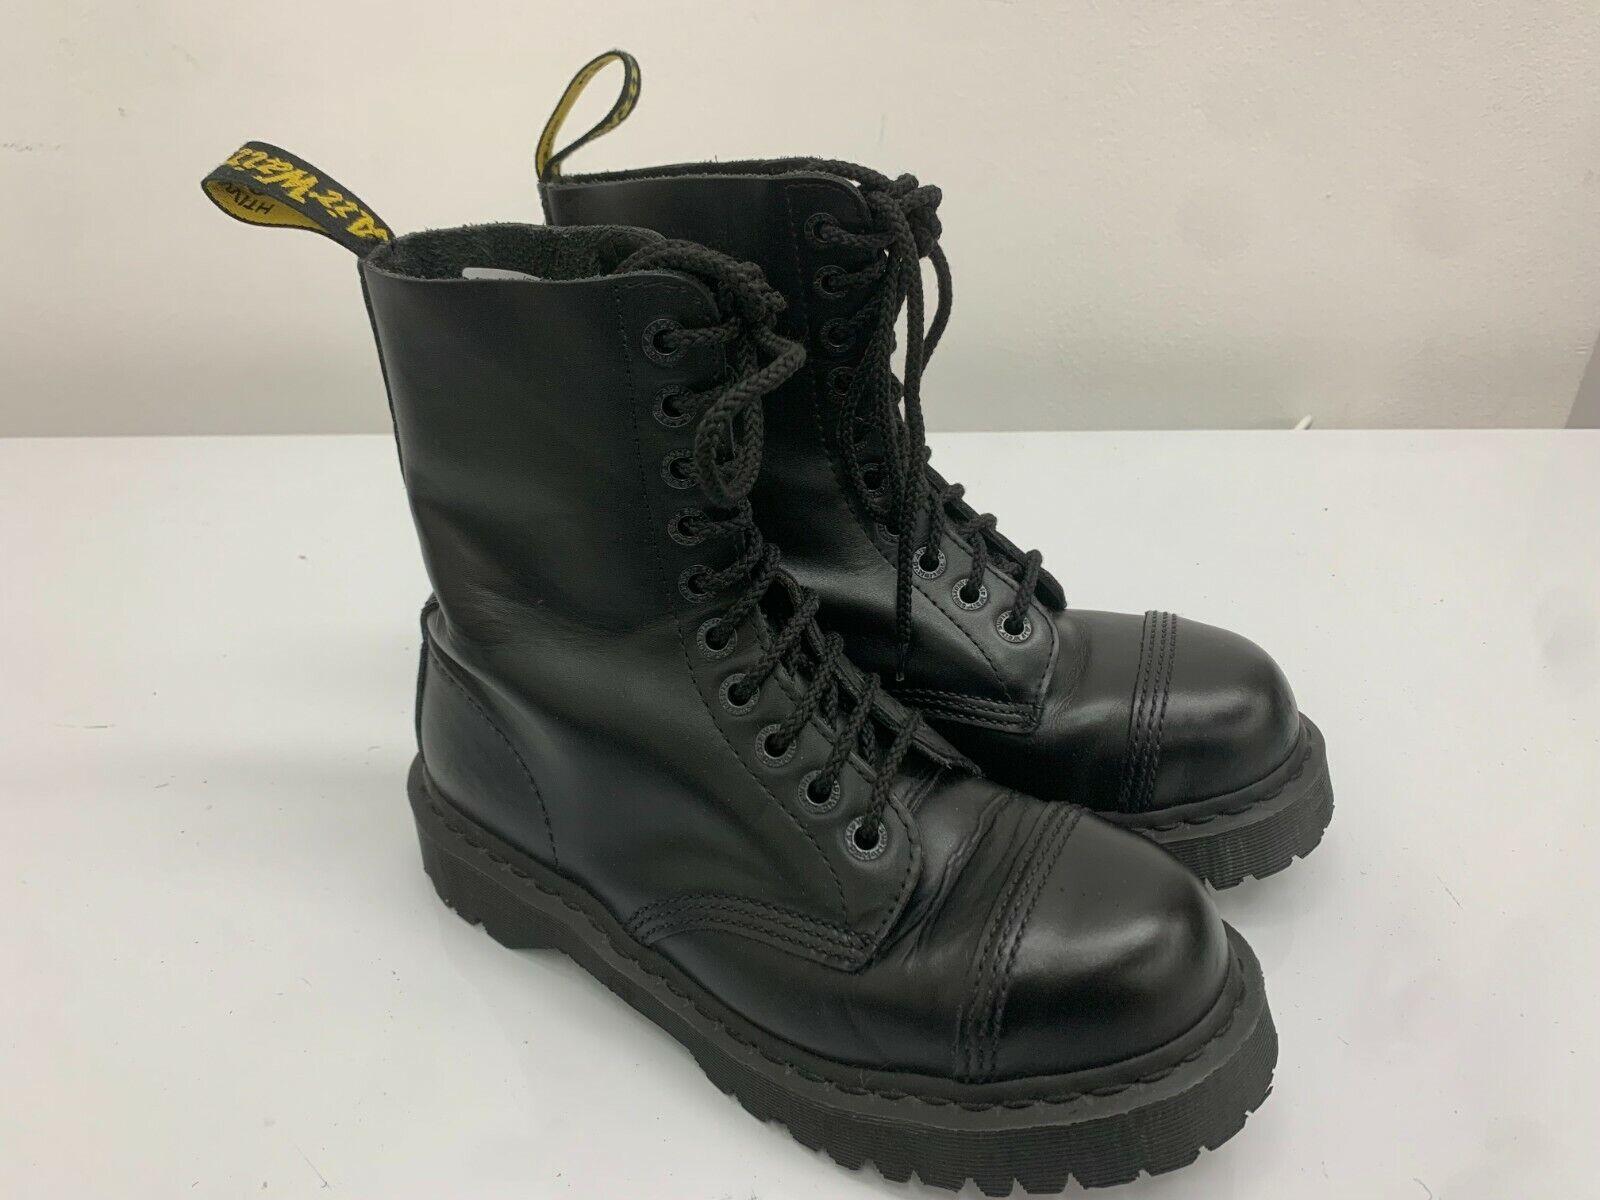 Doc Dr Martens Boots, 10 Eyelets, Black Shiny Leather, Size 7UK, Rare Big Toe